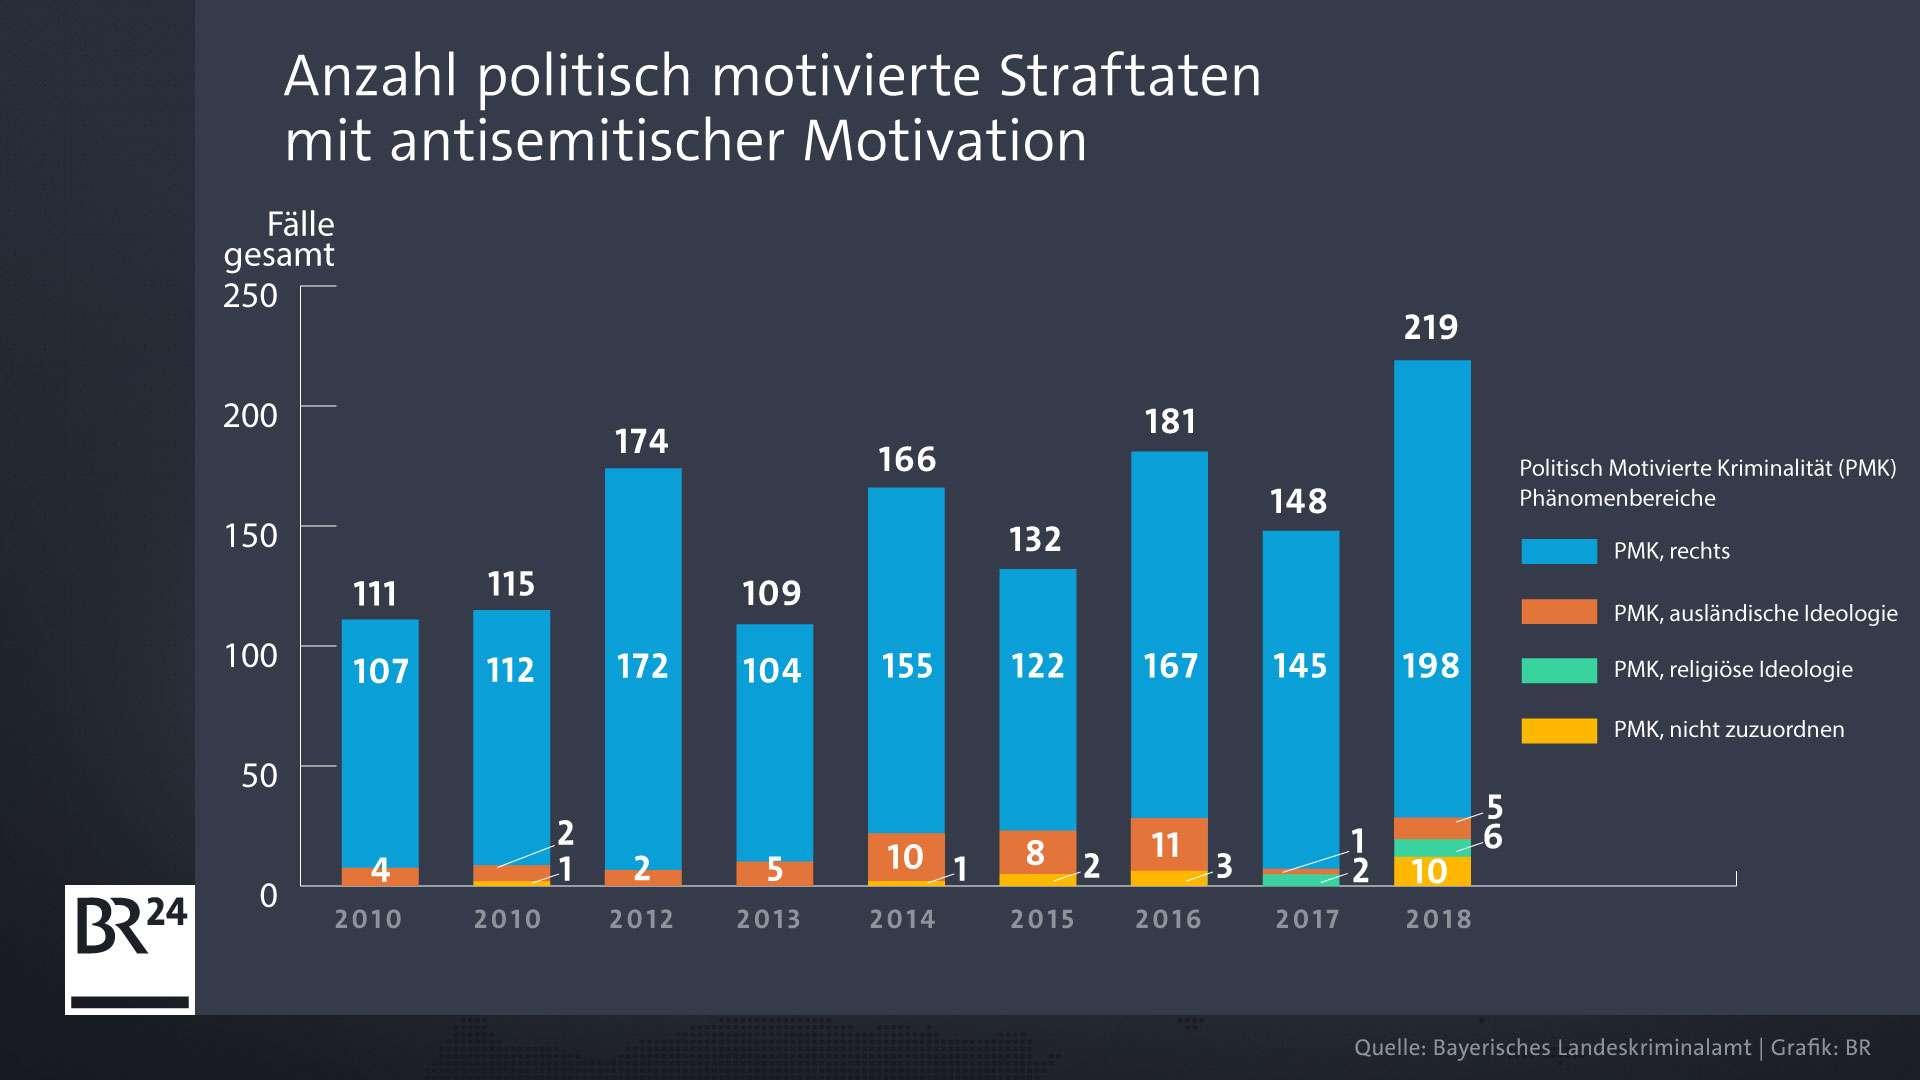 Entwicklung der Zahl antisemitischer Straftaten in Bayern